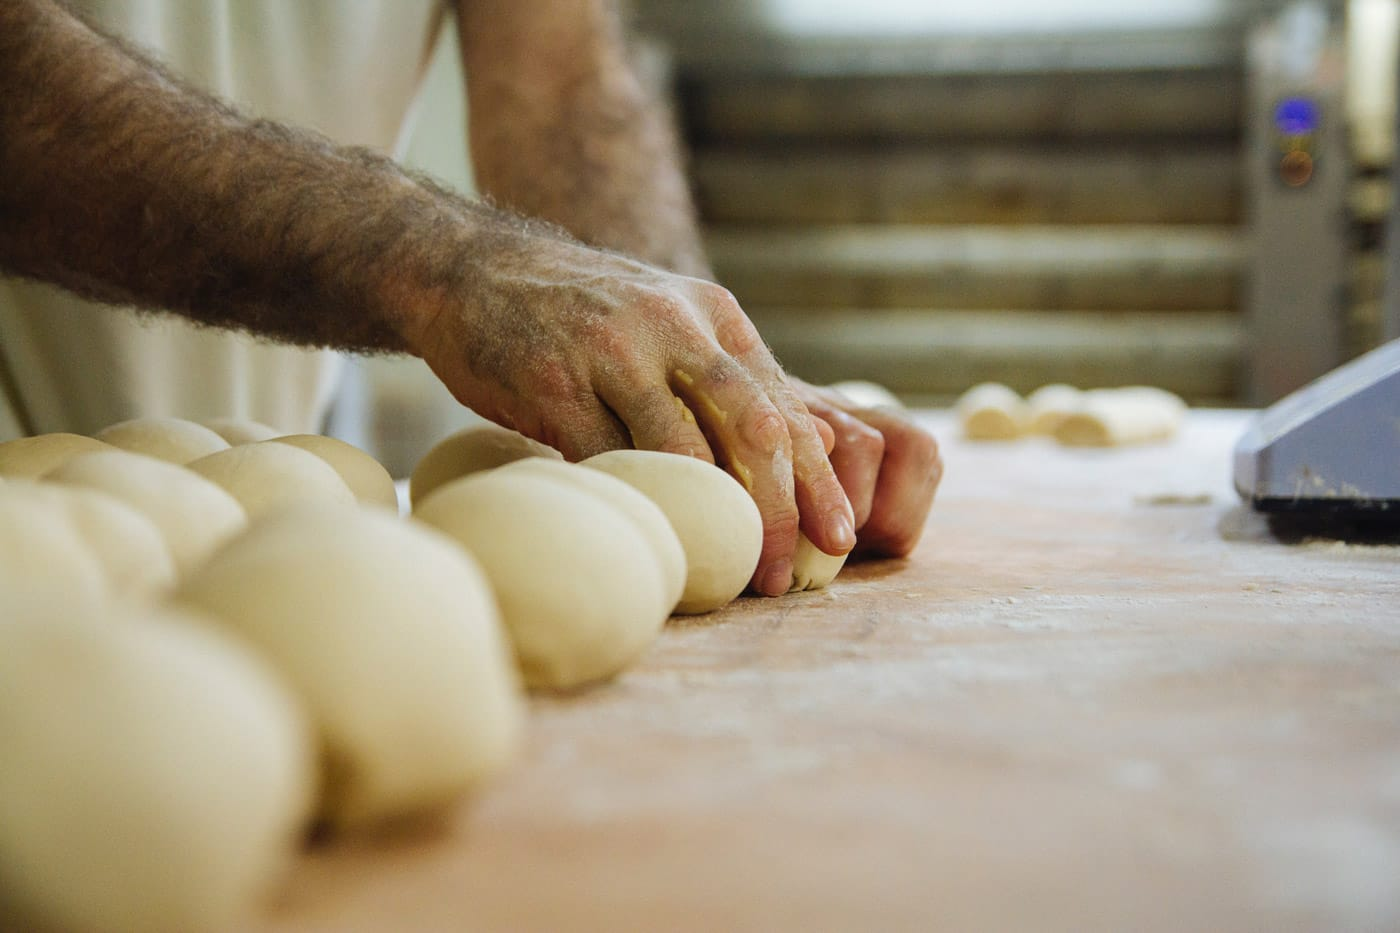 public-rolling-dough